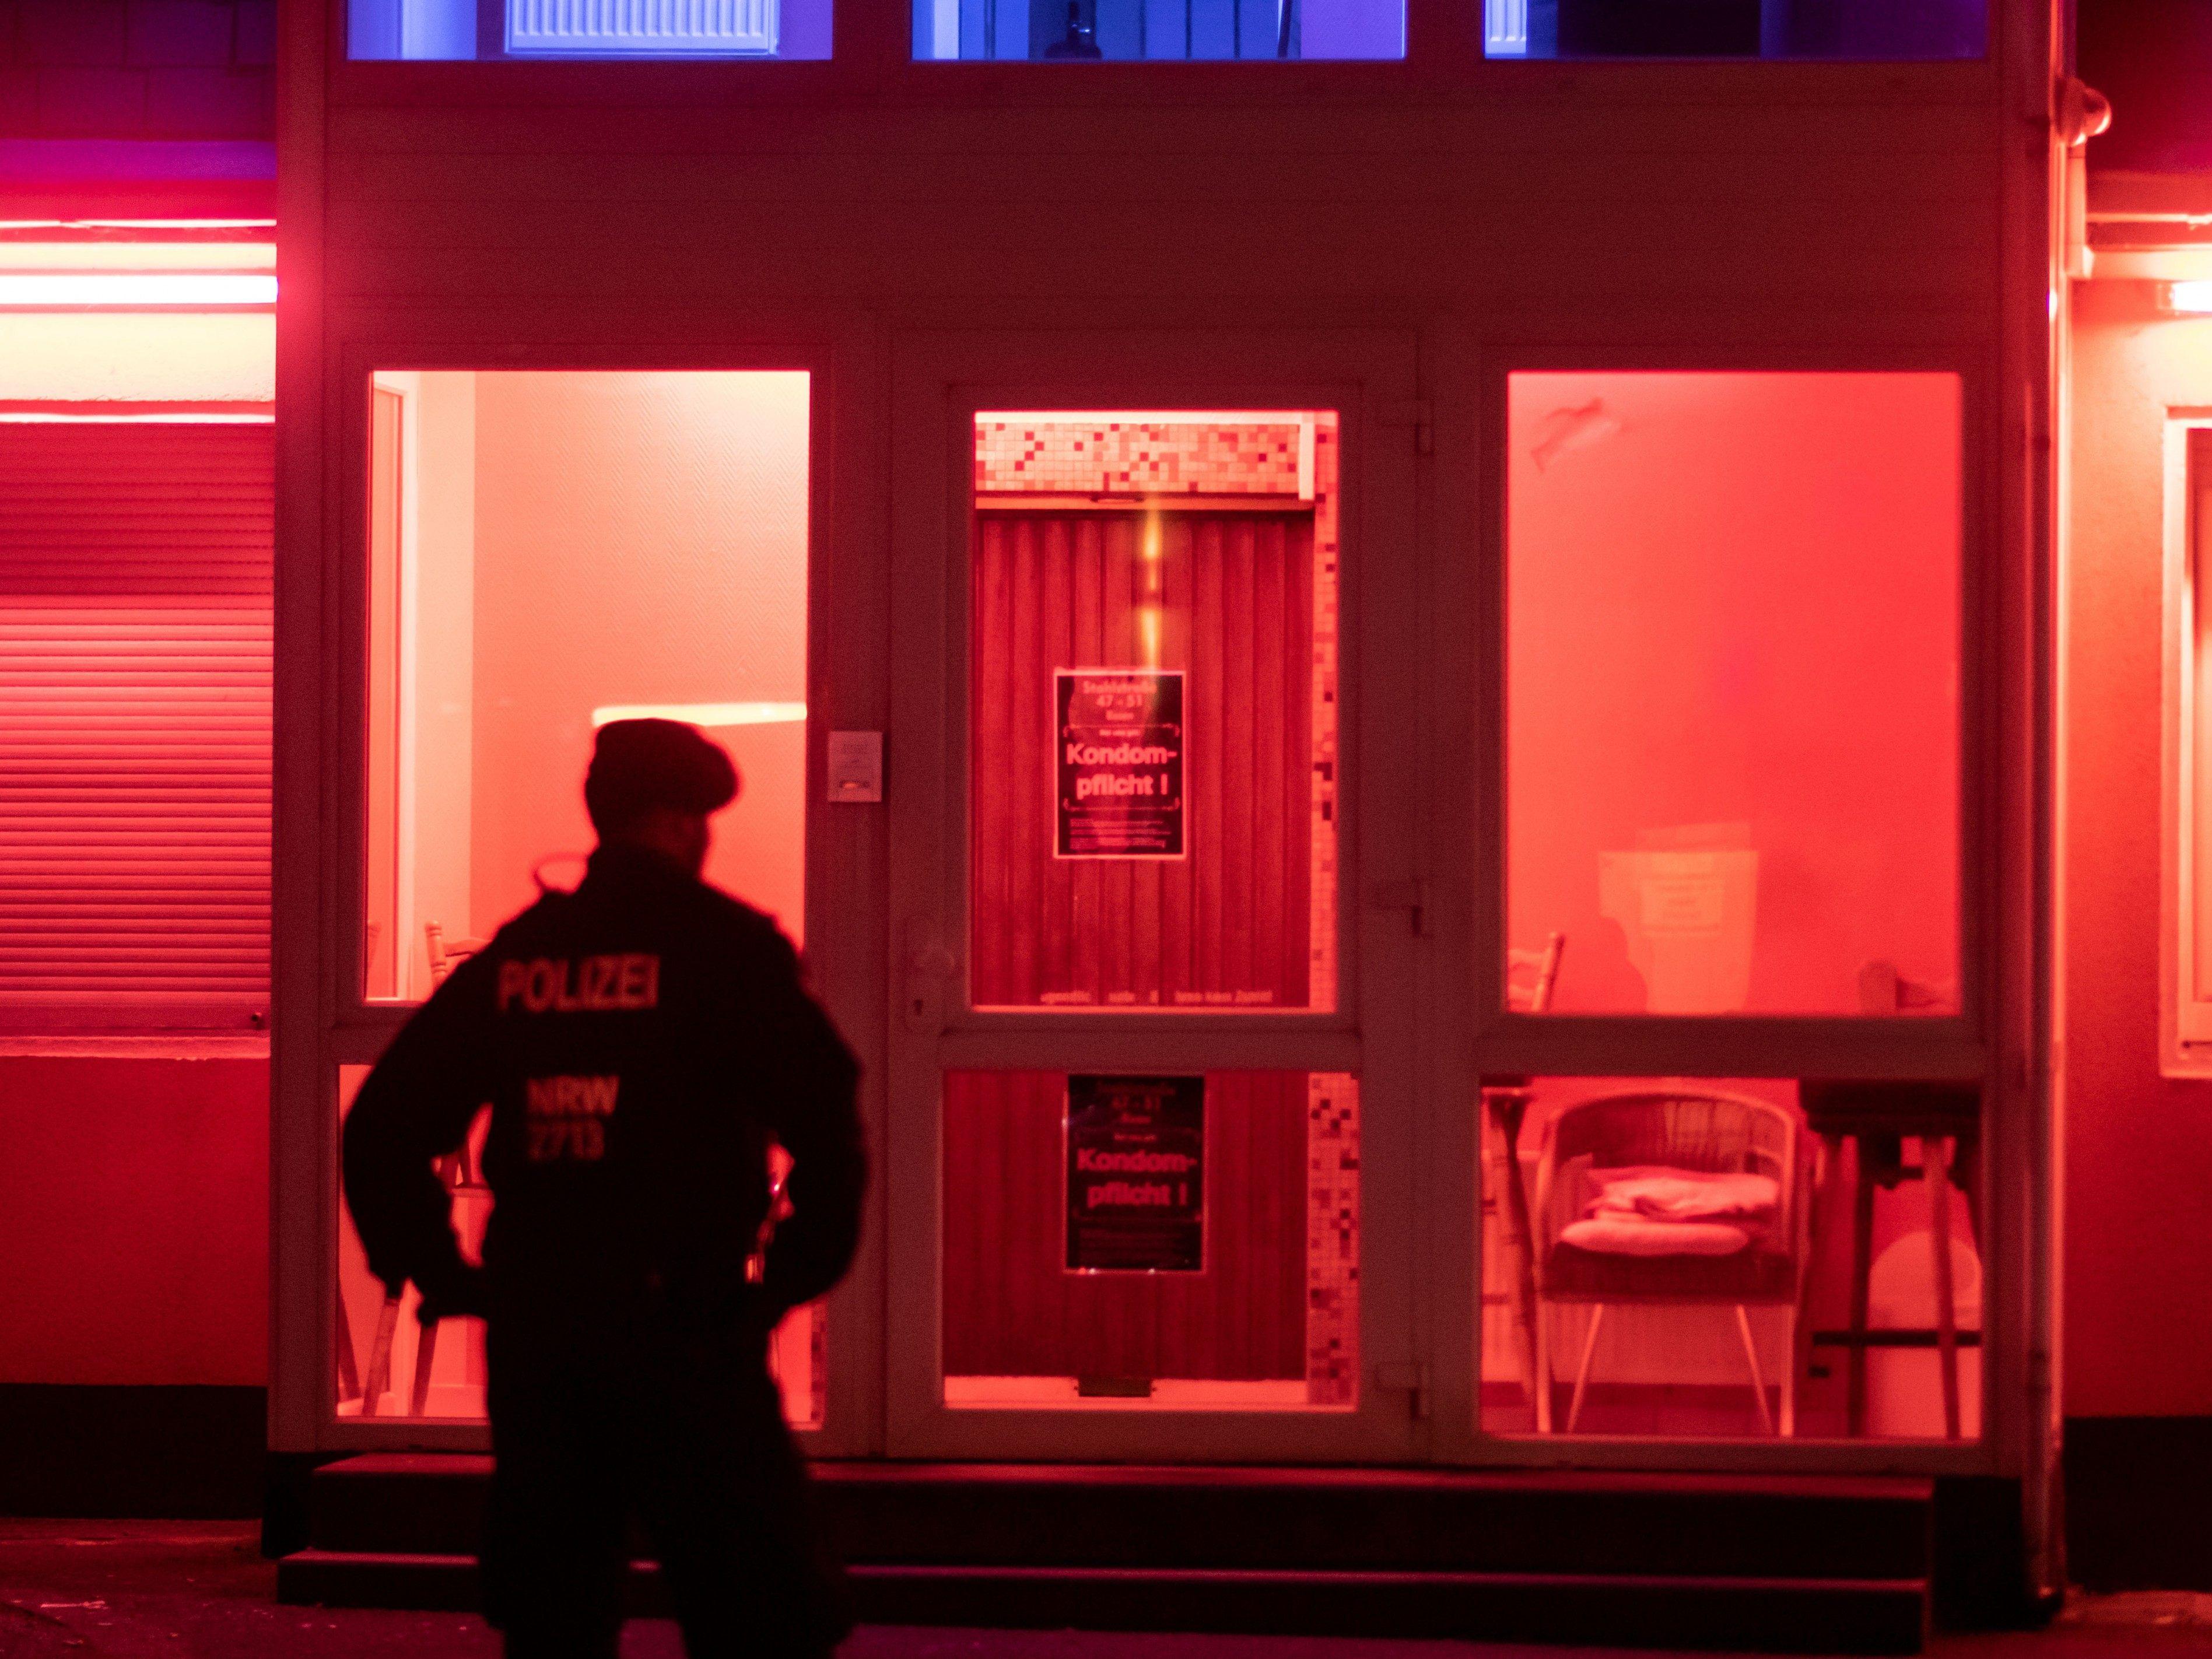 Skandal! Polizist vergnügt sich im Bordell - Österreich